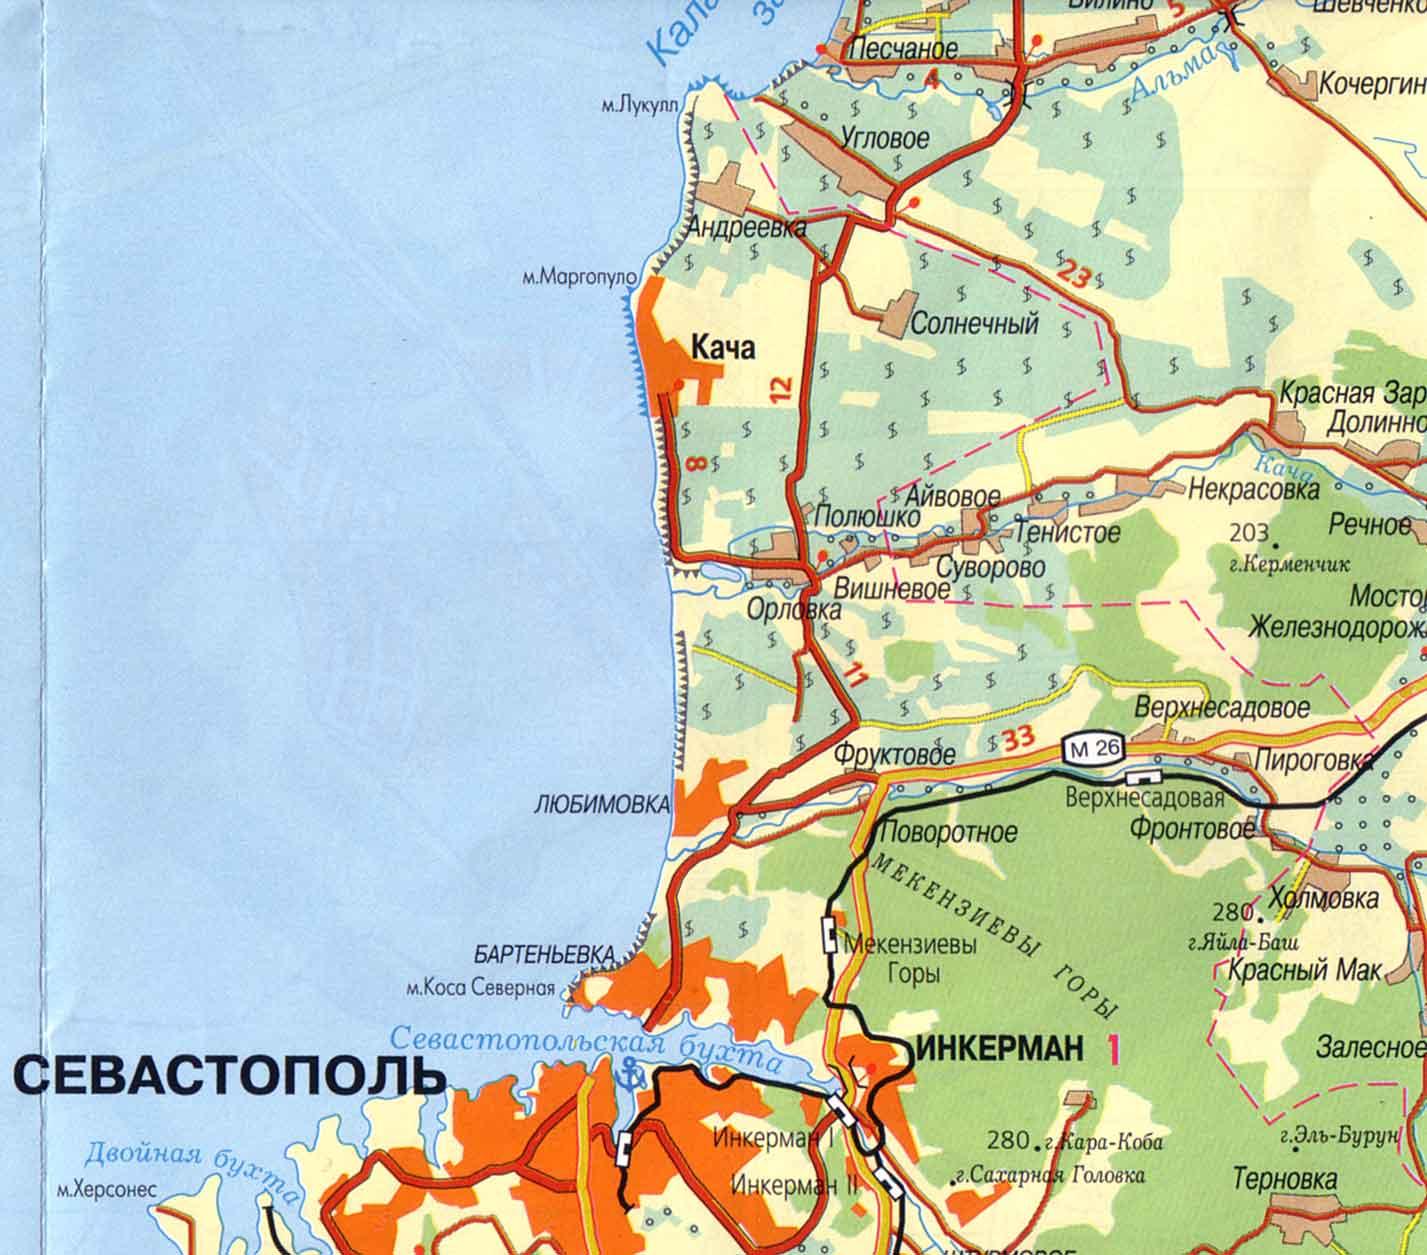 Карта крыма побережья